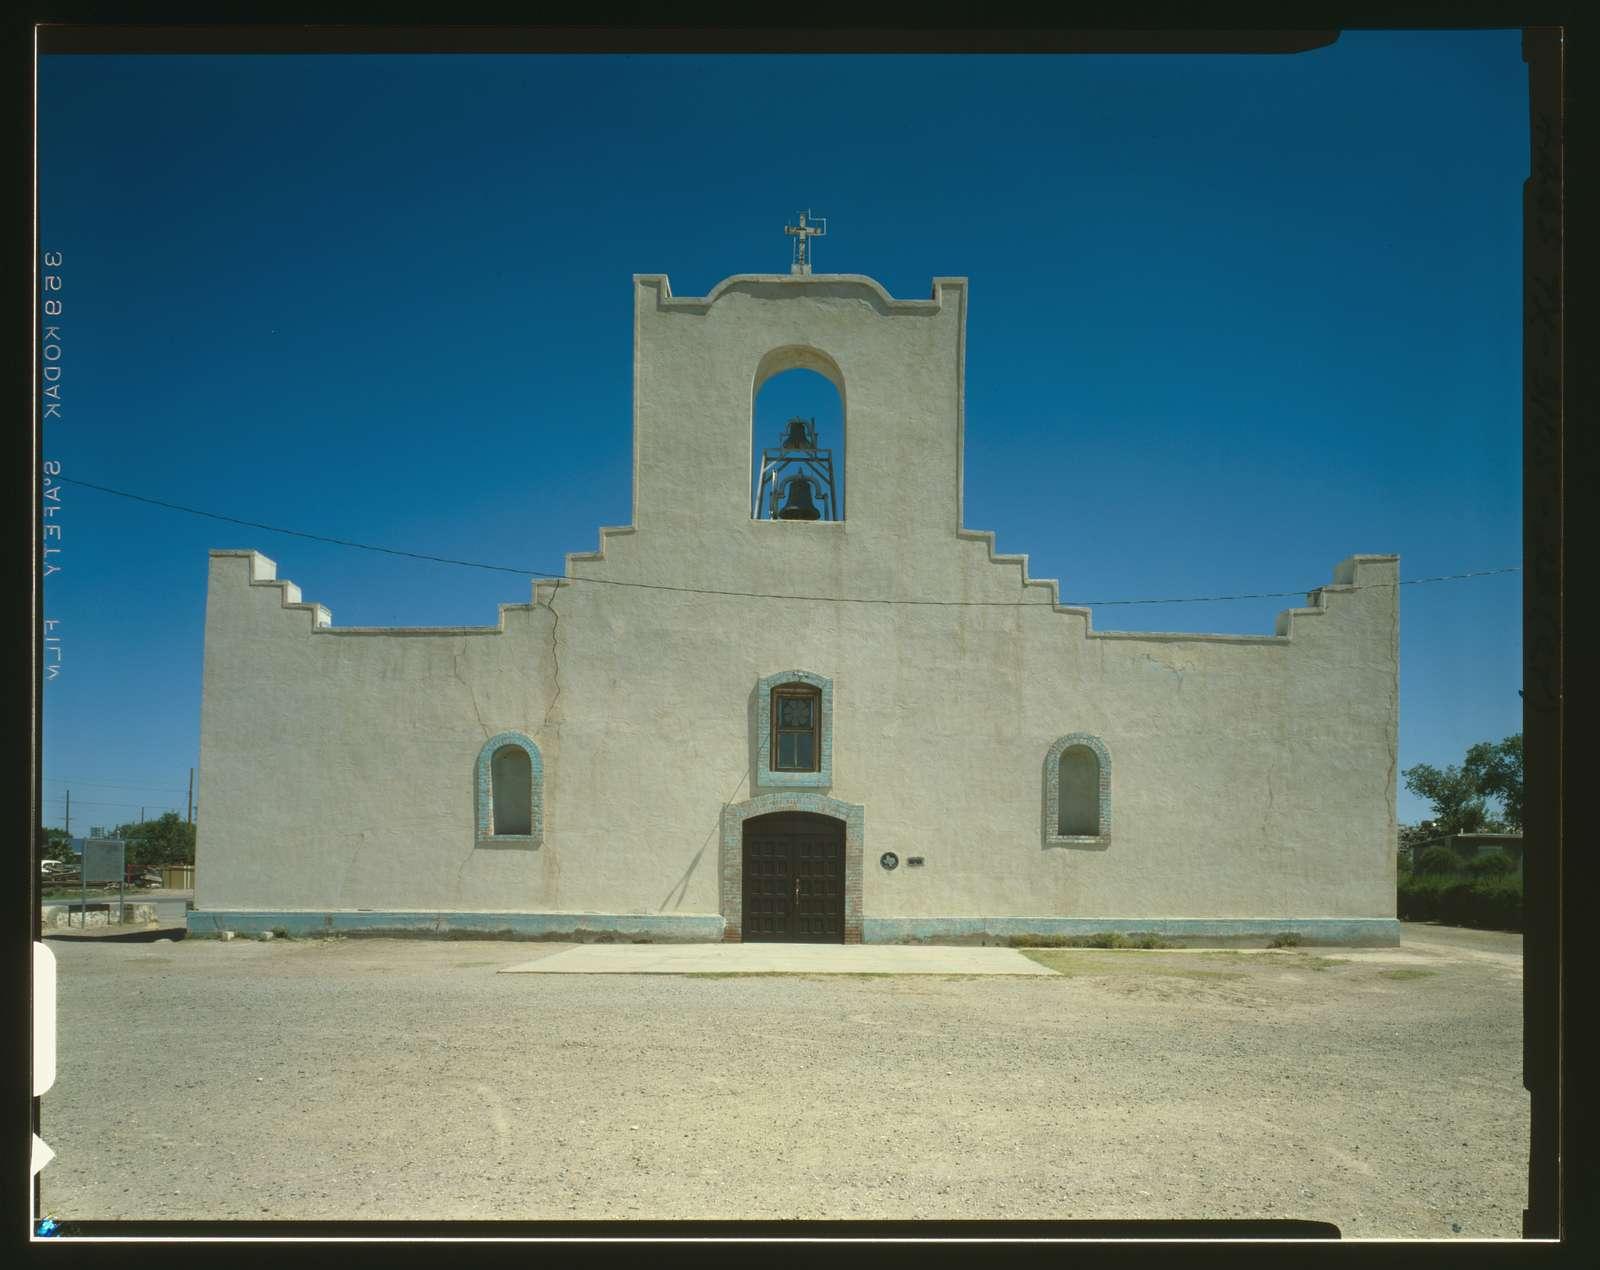 Mision Nuestra Senora del Socorro, Moon Road at Farm Road 258, Socorro, El Paso County, TX